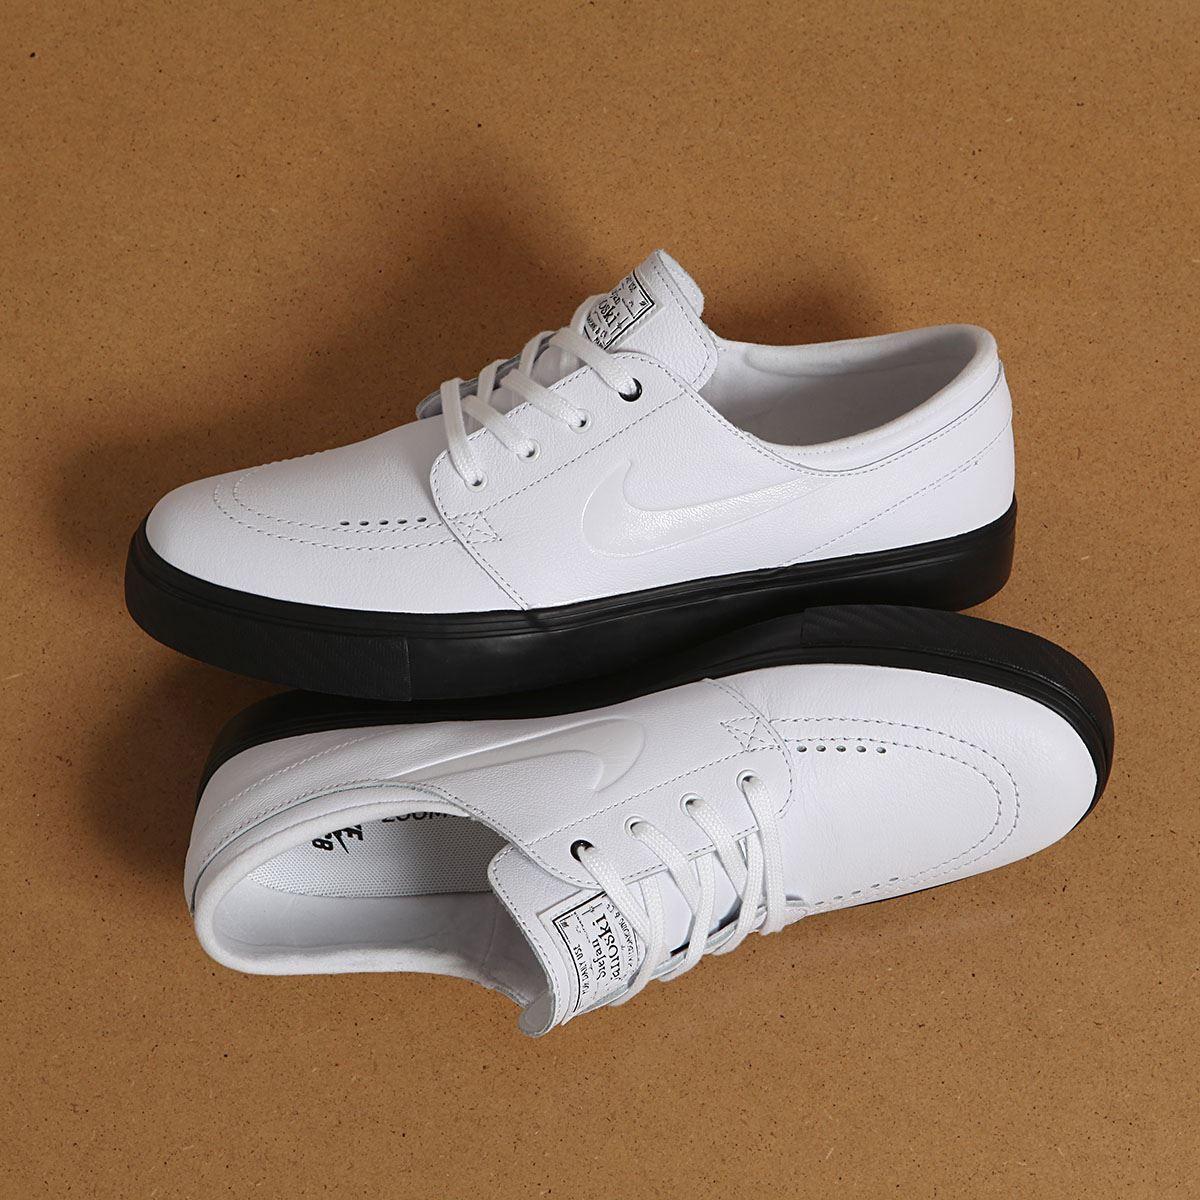 a95d924279cb0d Nike SB Janoski Prem Cpsl White Black https   www.popname.cz